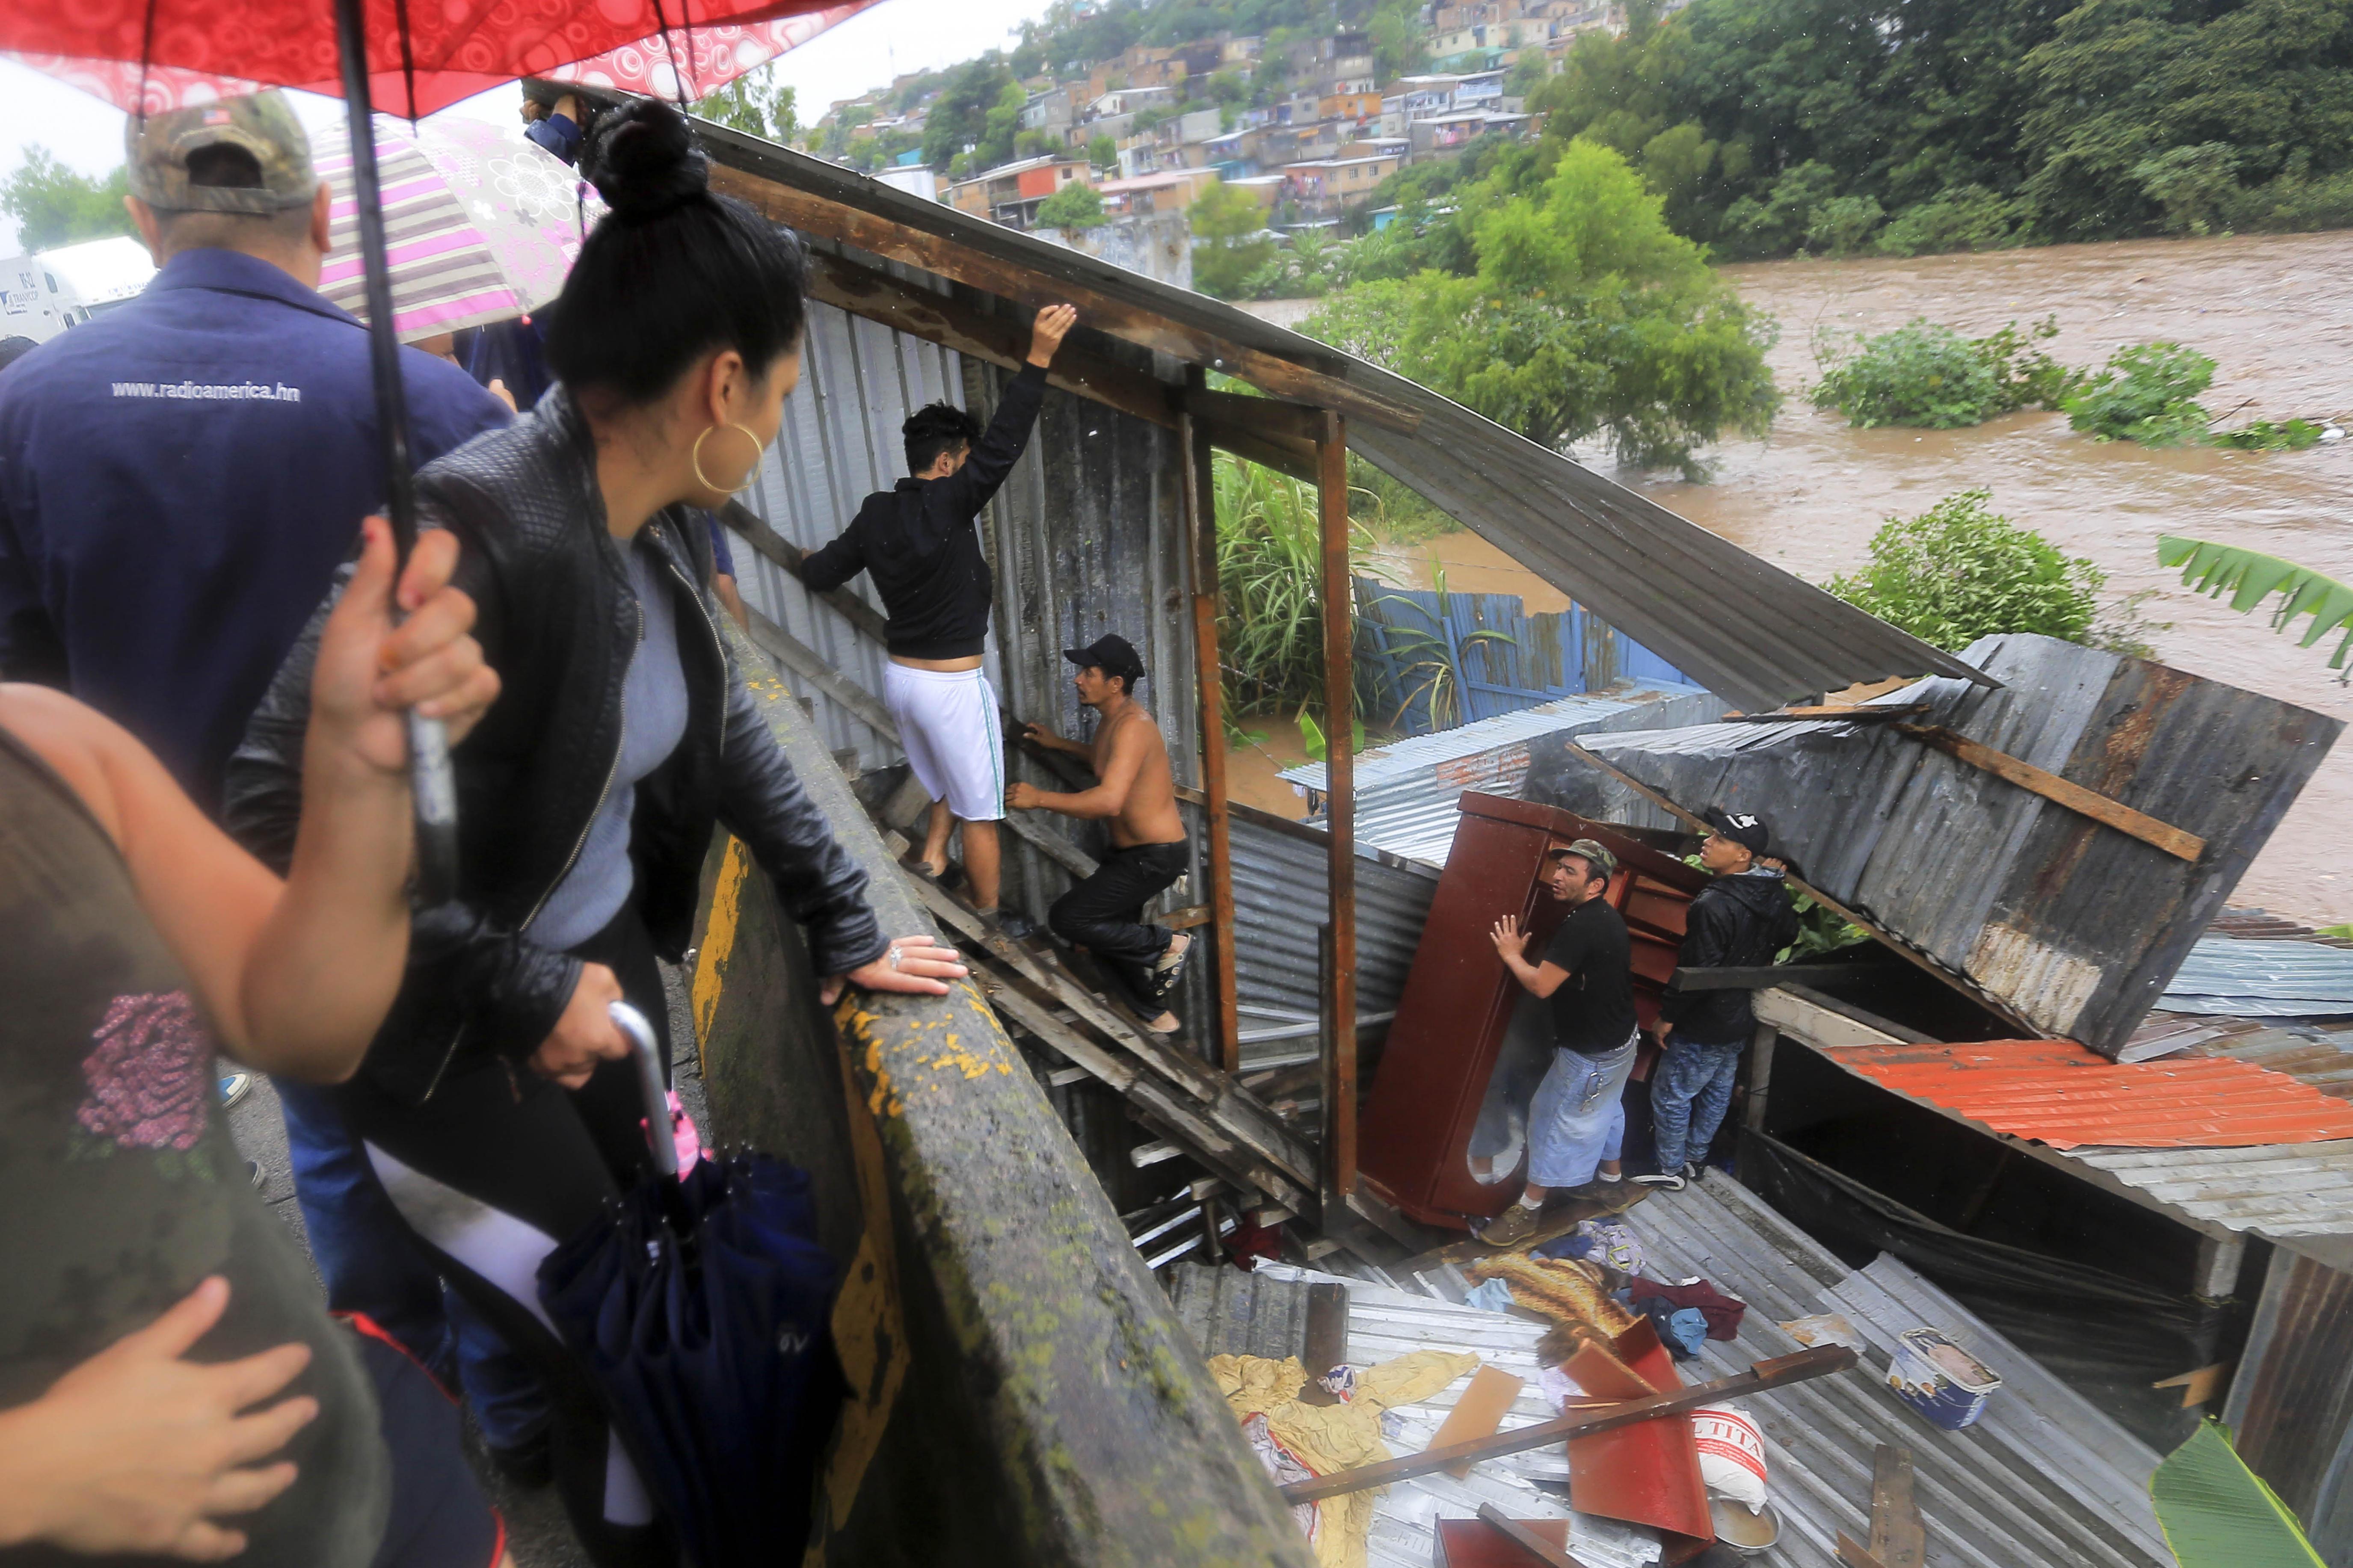 Honduras declara alerta roja en 3 departamentos por fuertes lluvias